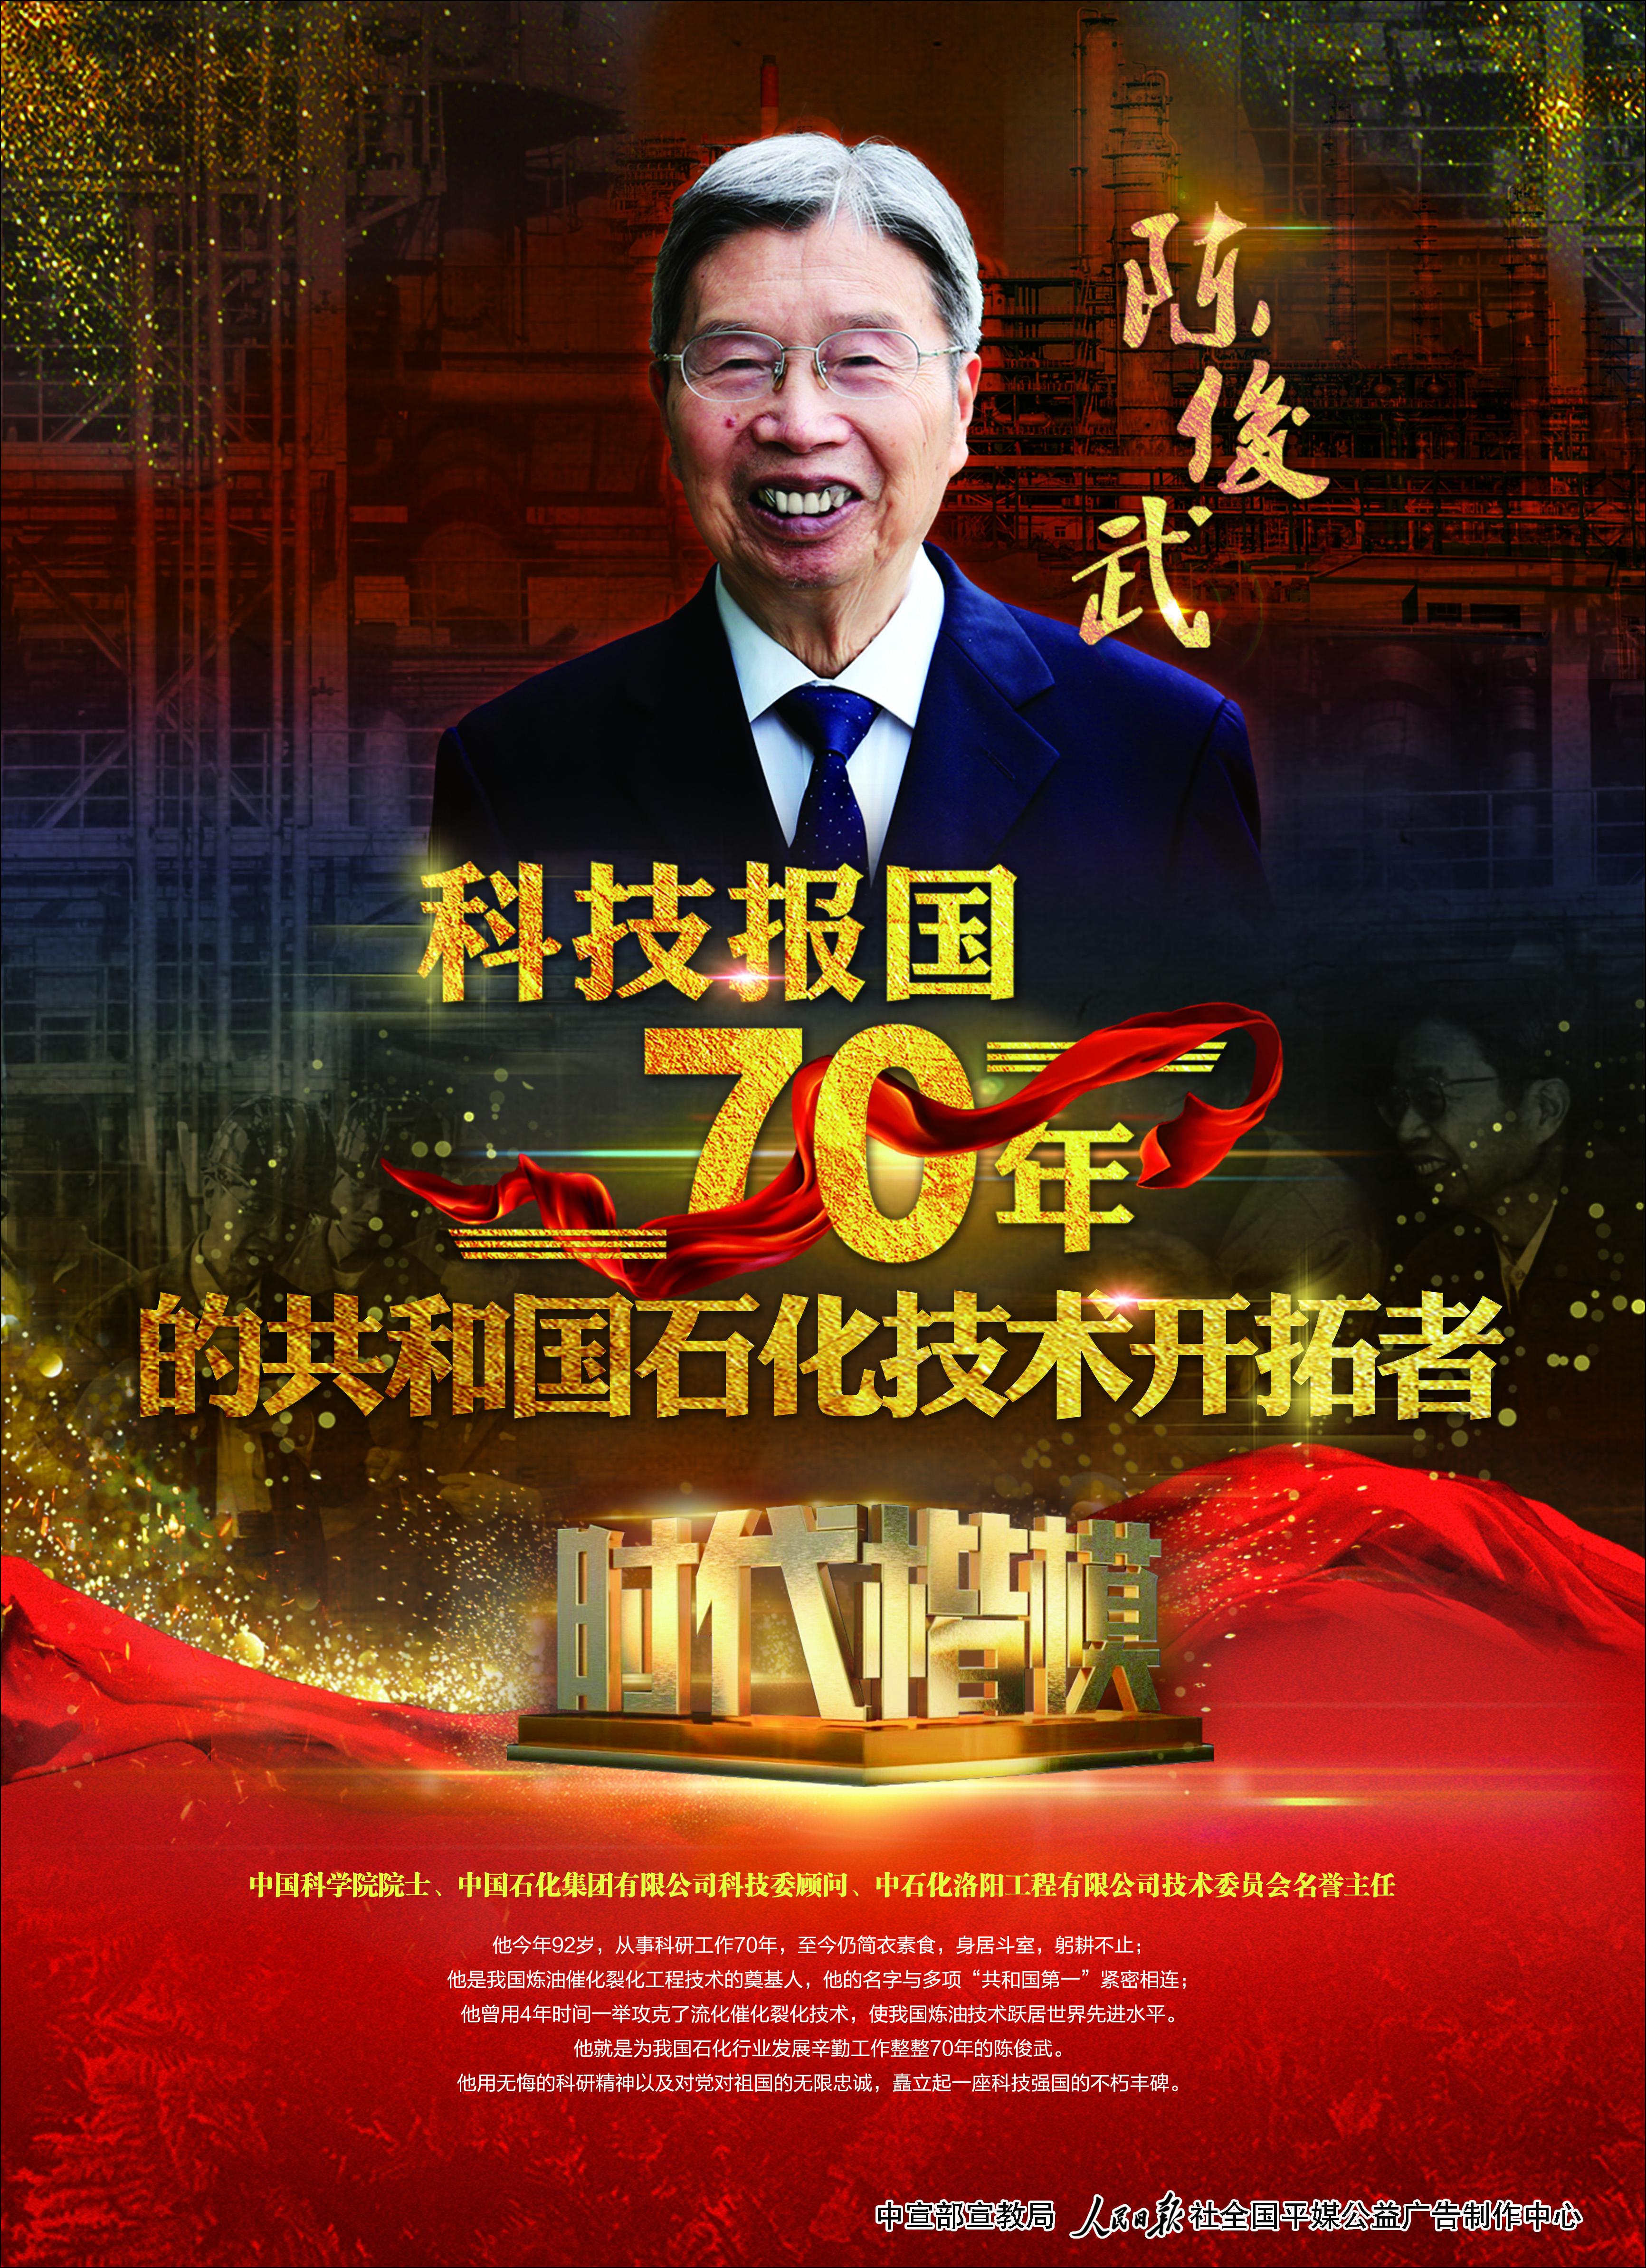 科技報國70年的共和國石化技術開拓者——陳俊武